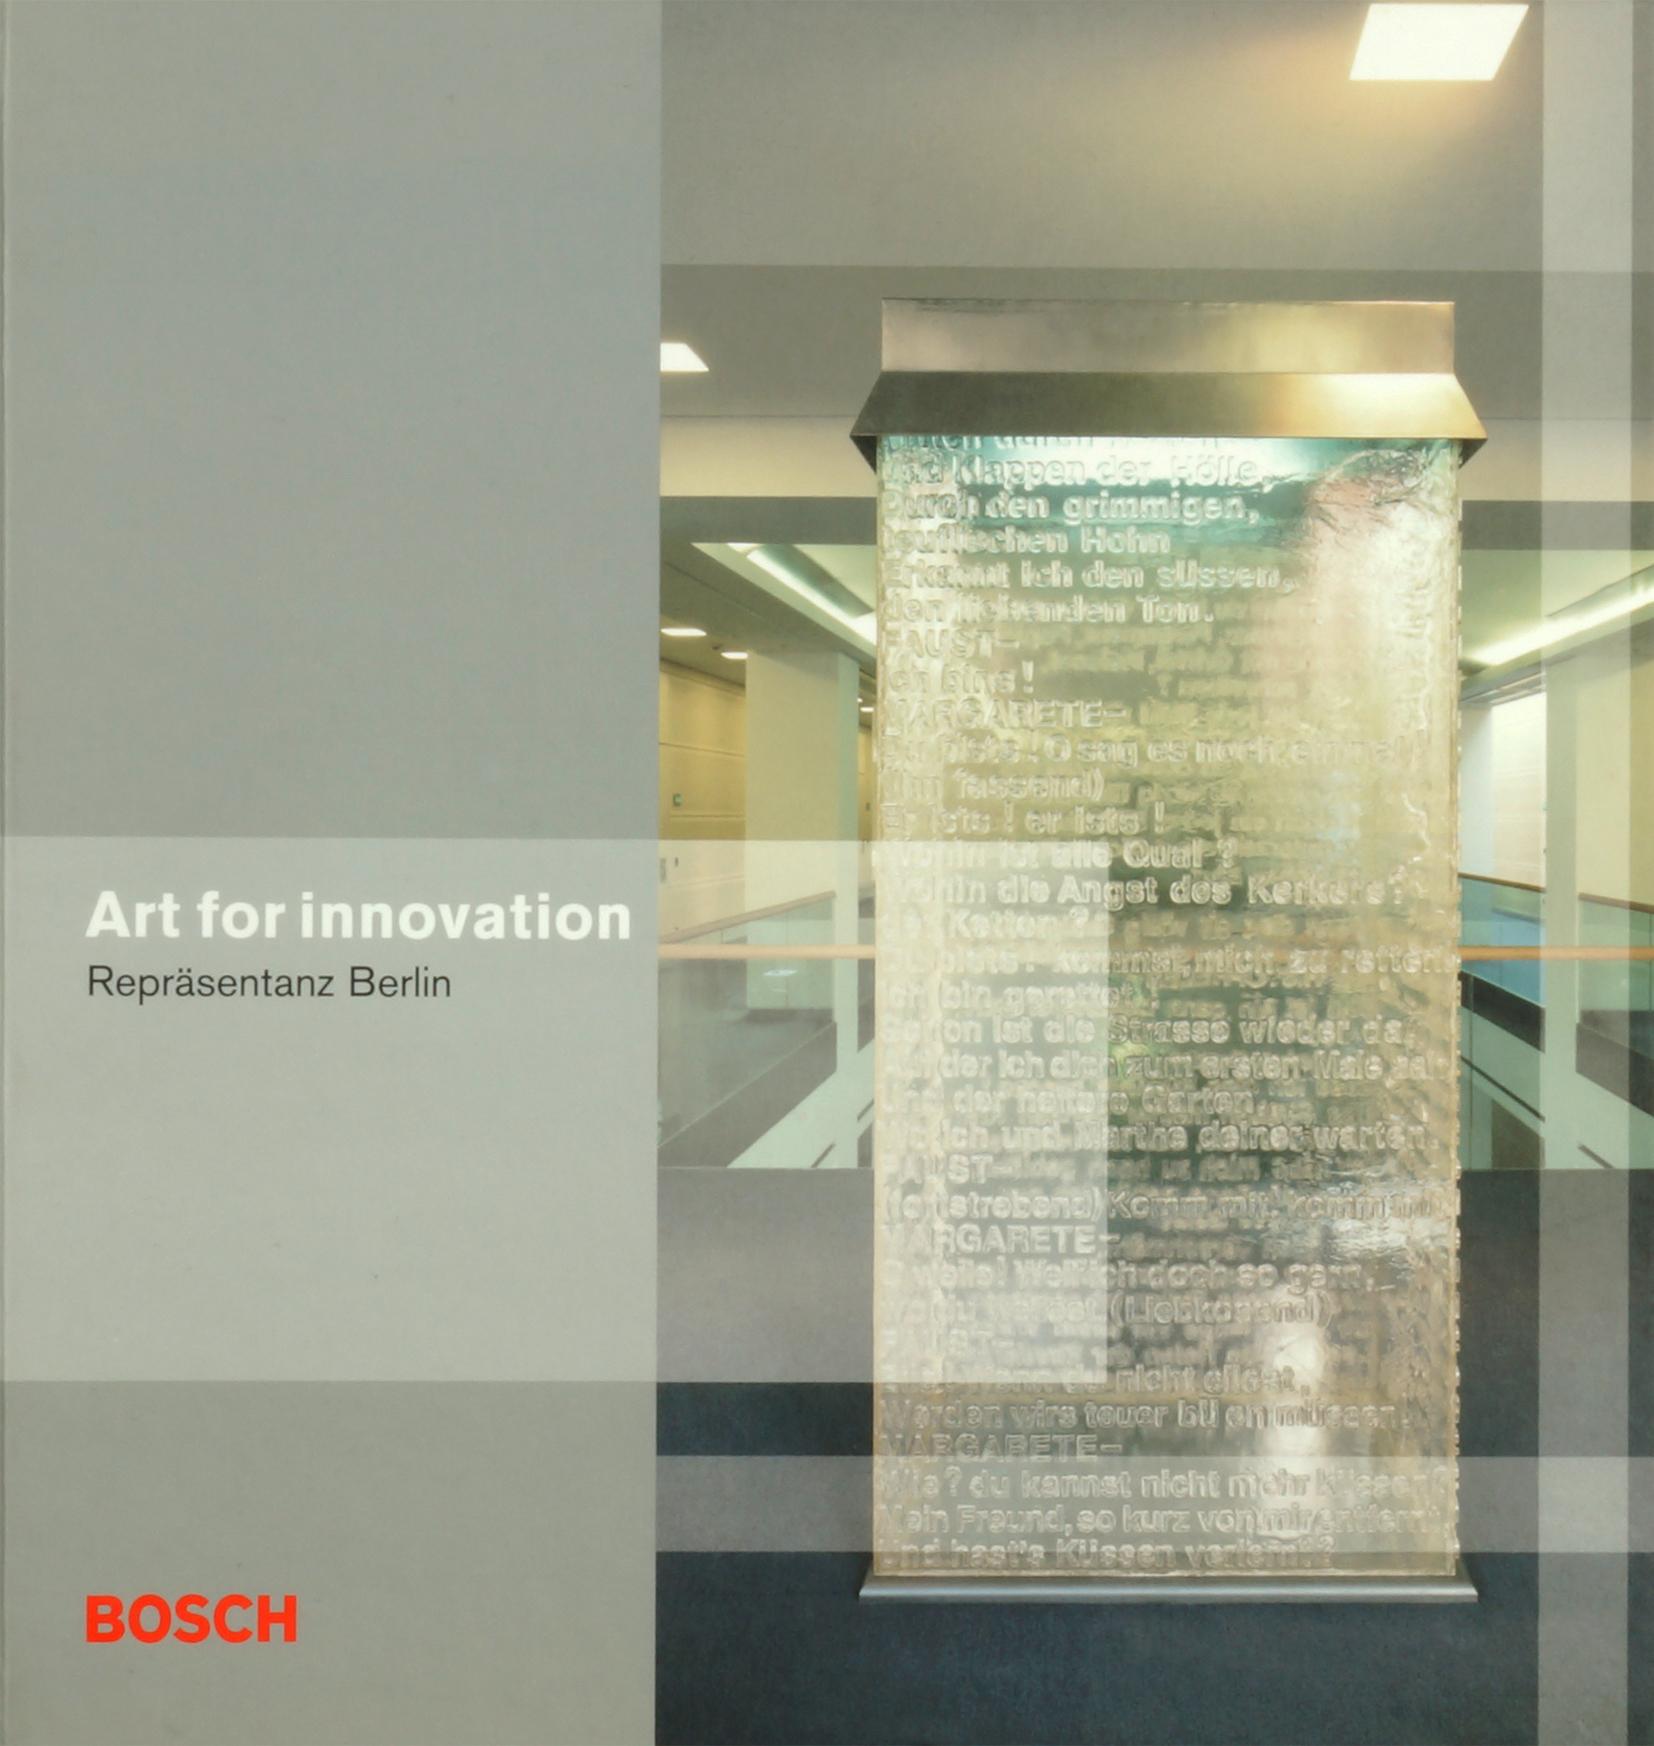 Art for innovation